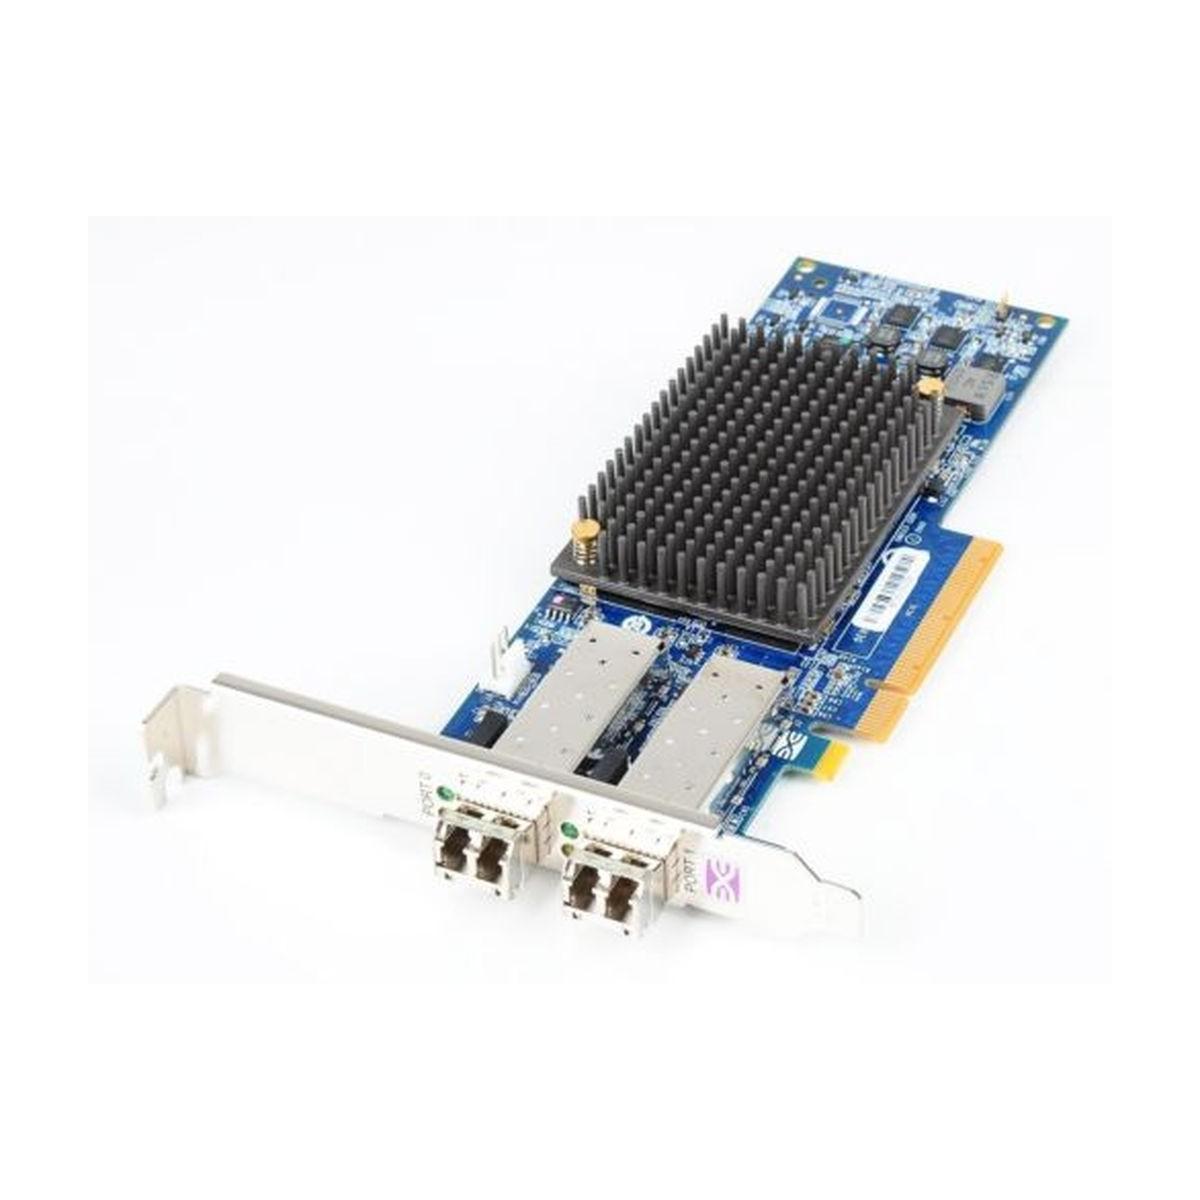 LSI LOGIC LSI20320-R U320 SCSI PCI-X-133